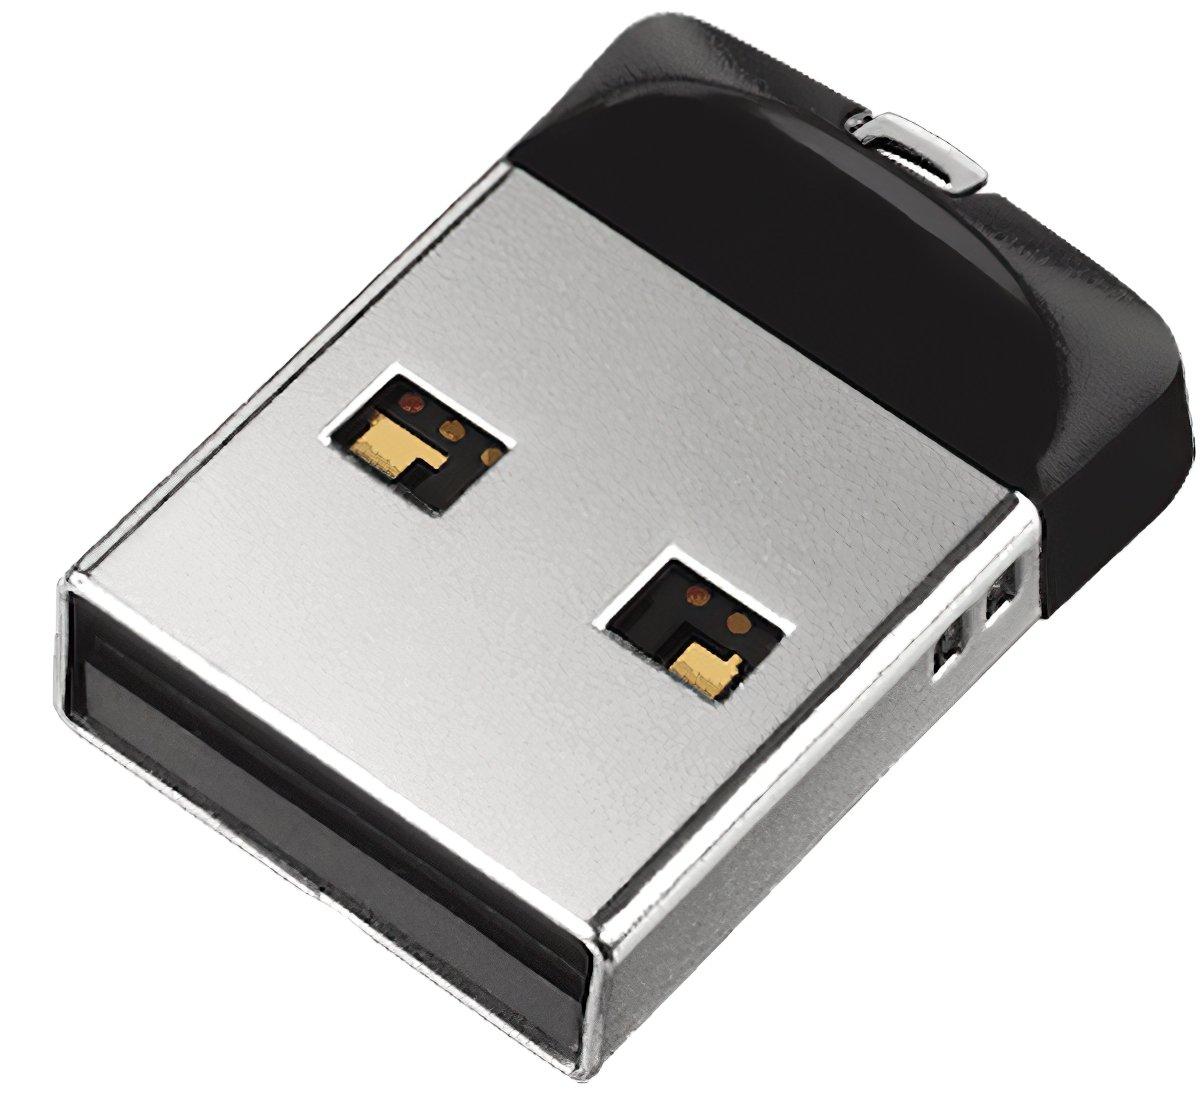 Накопичувач USB 2.0 SANDISK Cruzer Fit 32GB (SDCZ33-032G-G35) фото3